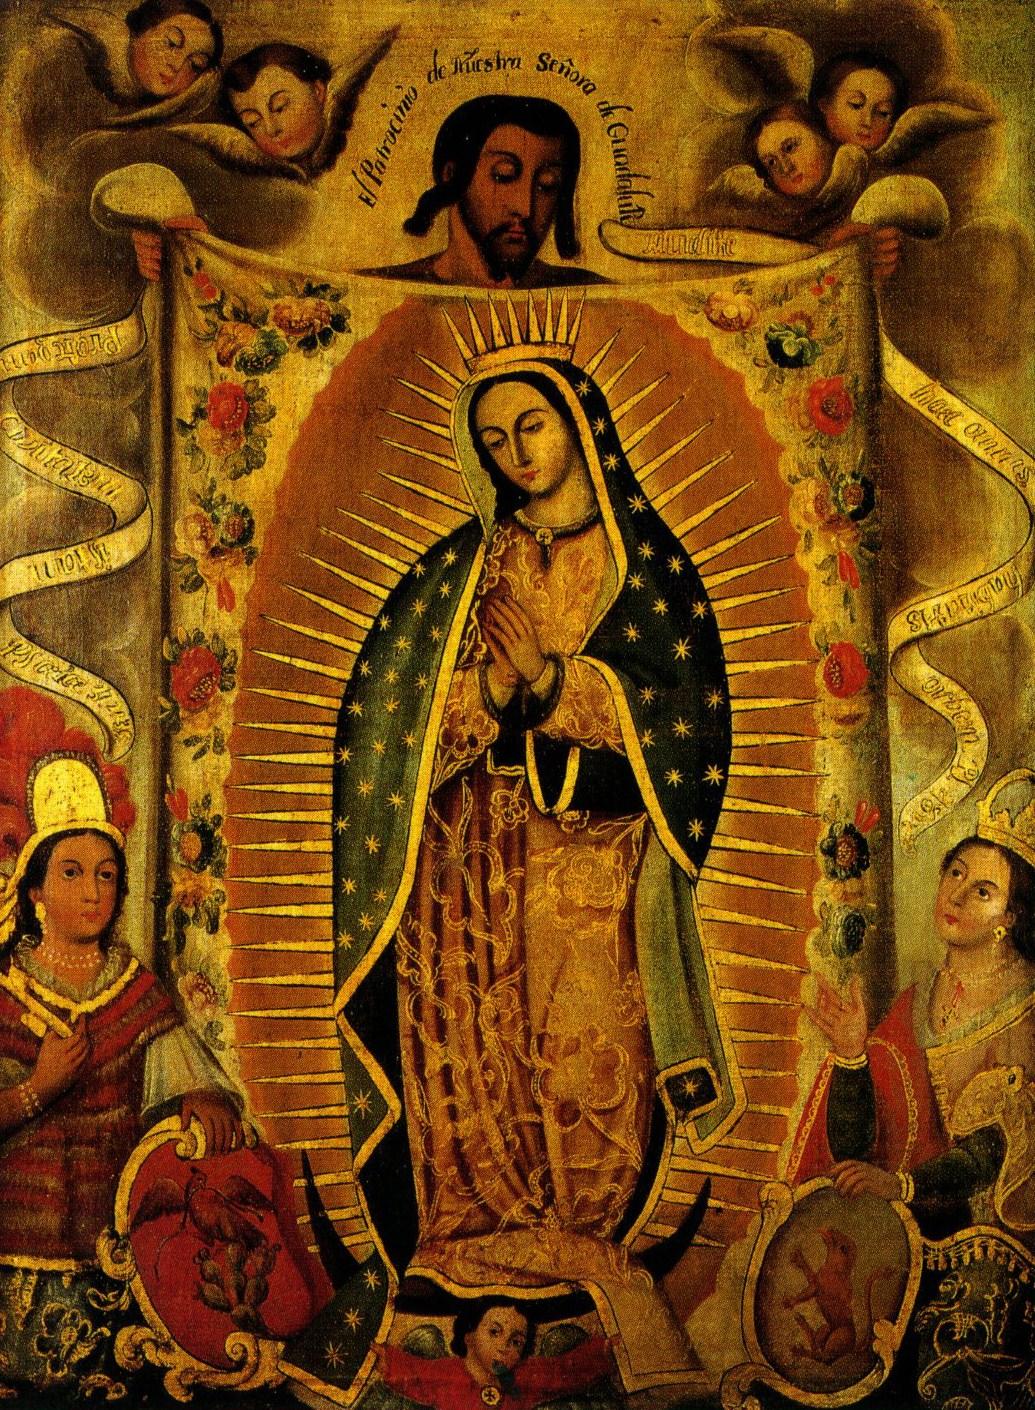 He oincidental andy la reina de m xico y emperatriz de am rica - Images of la virgen de guadalupe ...